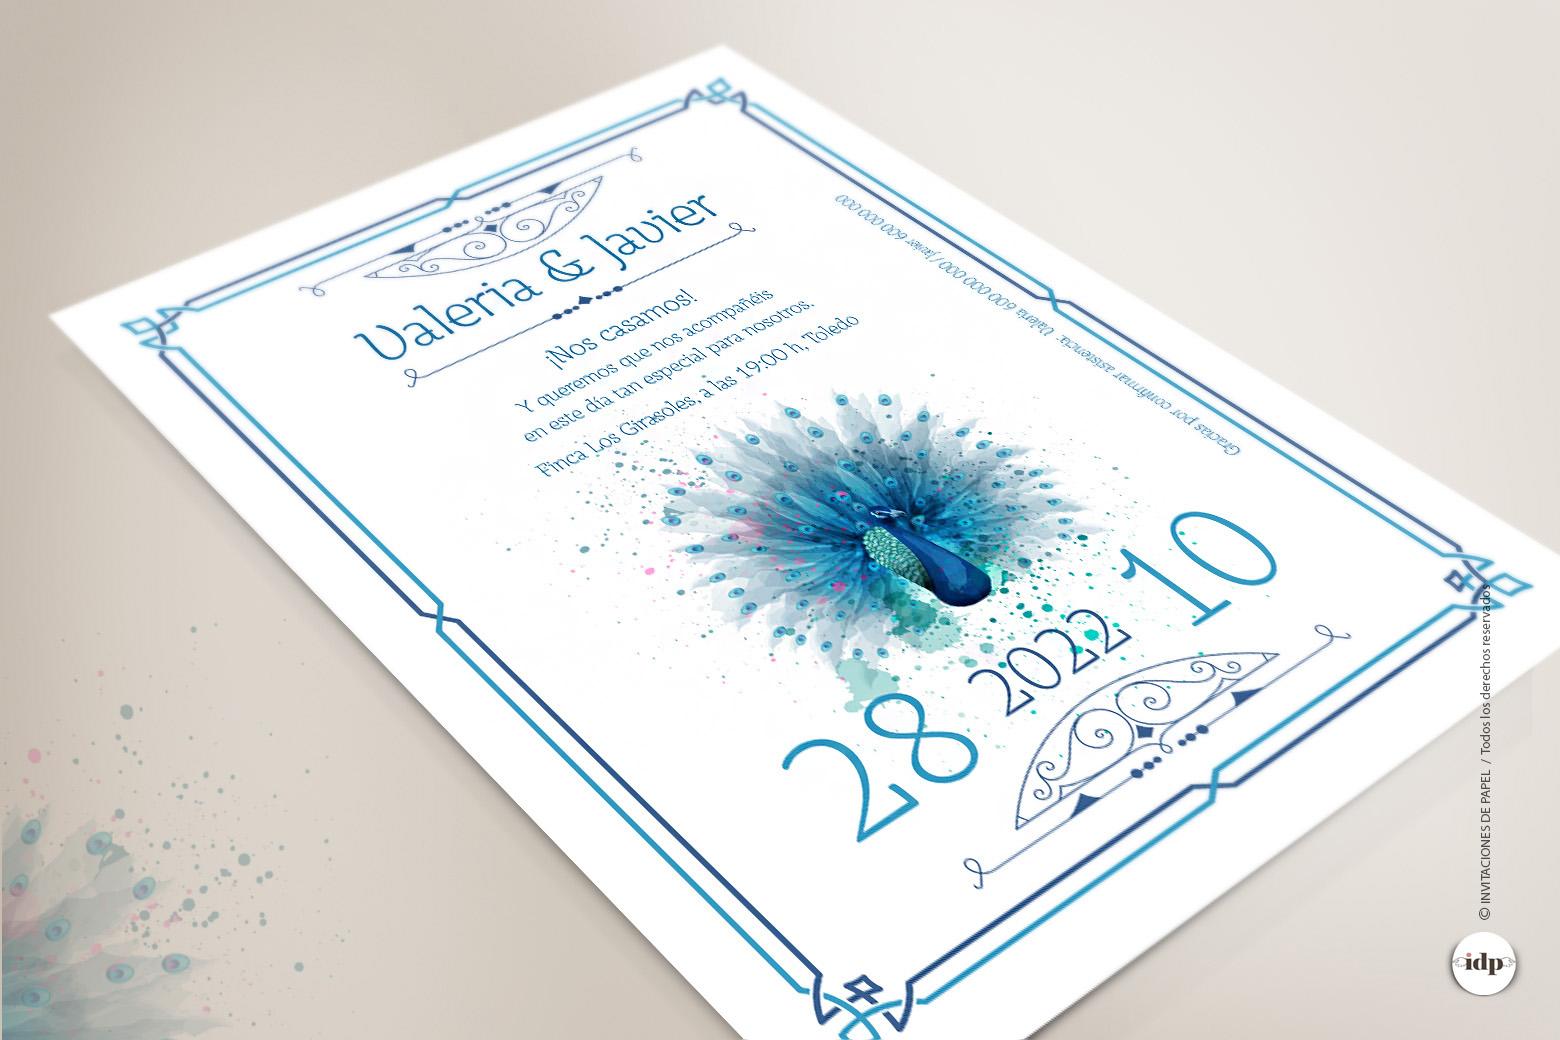 Invitaciones de Boda Vintage Azul tipo Años 20 con Dibujo en Acuarela de pavo real - royal